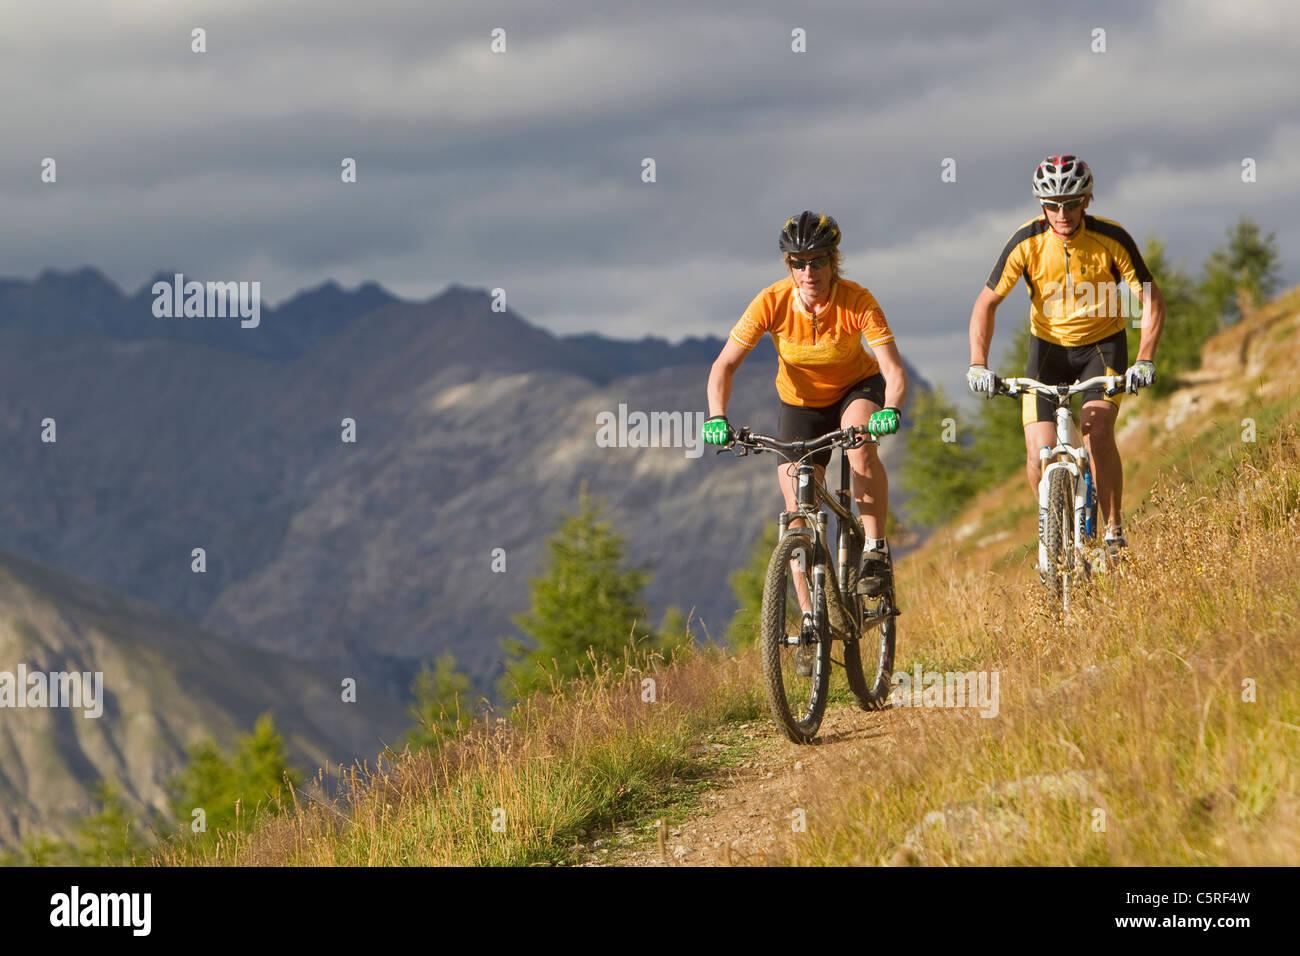 Italia, Livigno, visión del hombre y de la mujer montando bicicleta de montaña Imagen De Stock